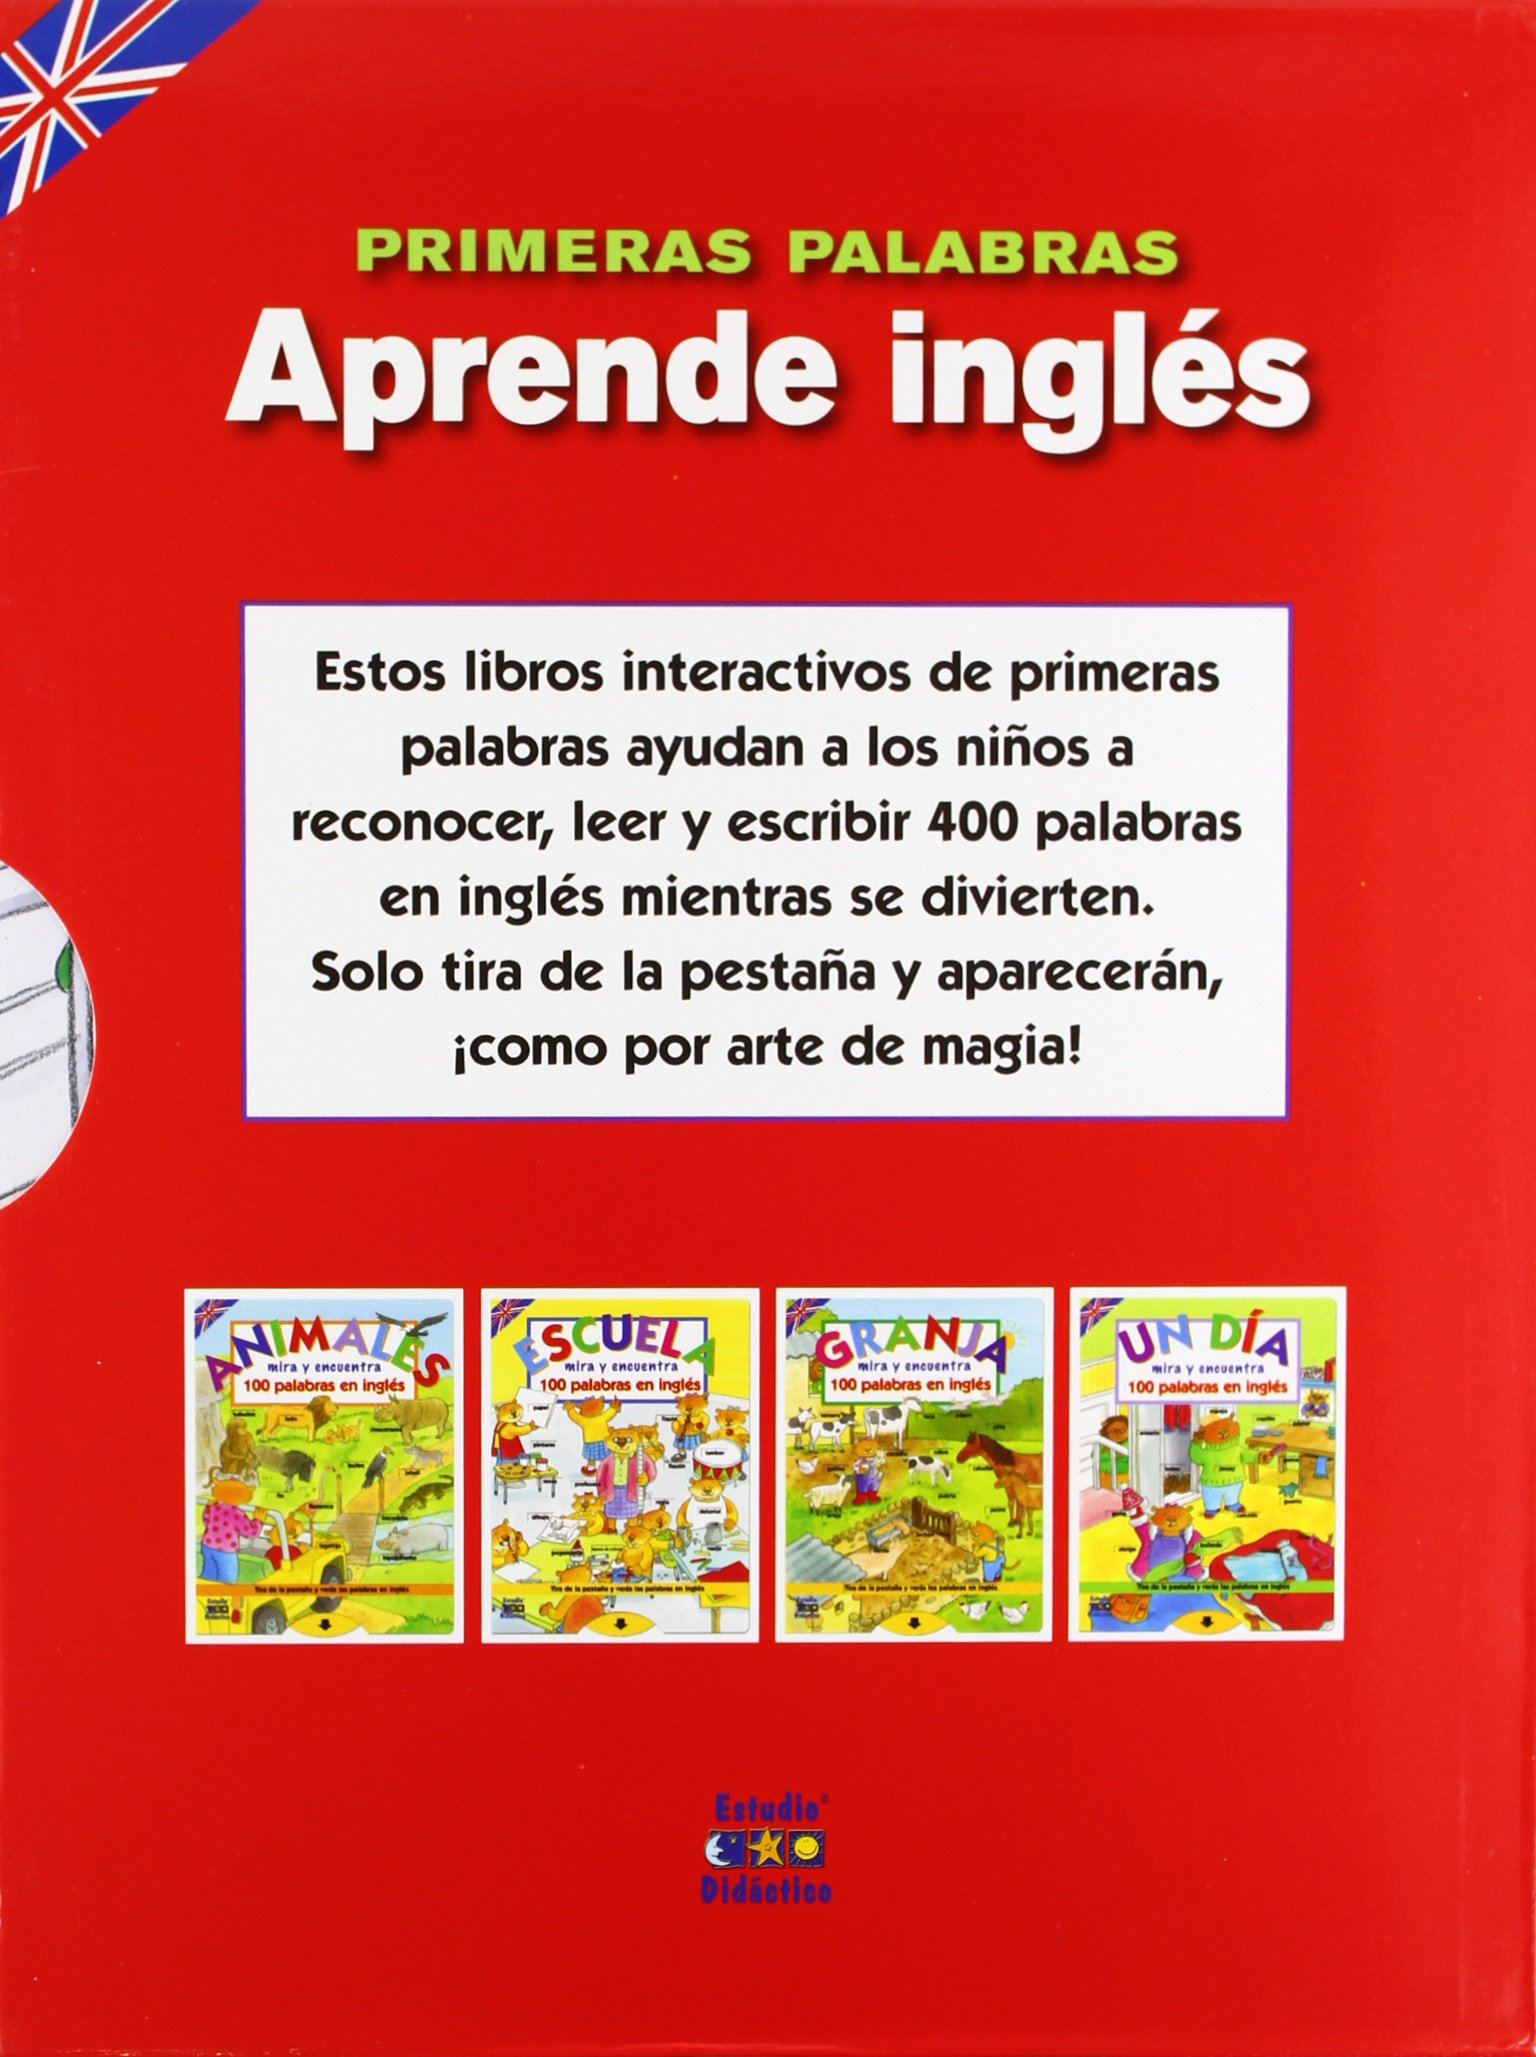 Estuche Aprende Inglés (Mira y encuentra): Amazon.es: Equipo editorial: Libros